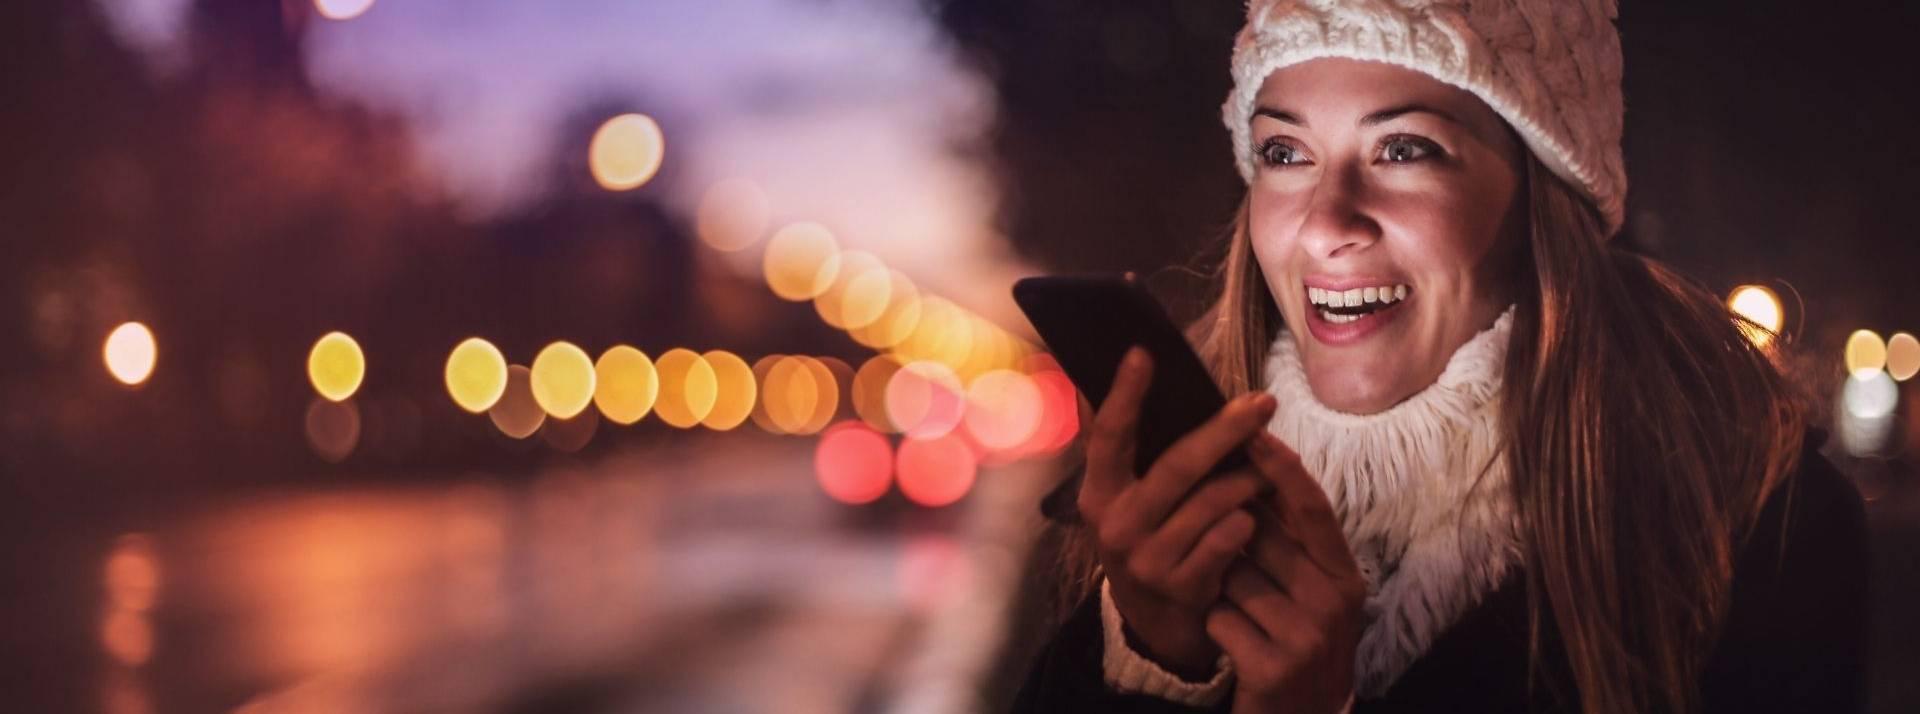 Jeune femme en mode haut parleur sur son smartphone